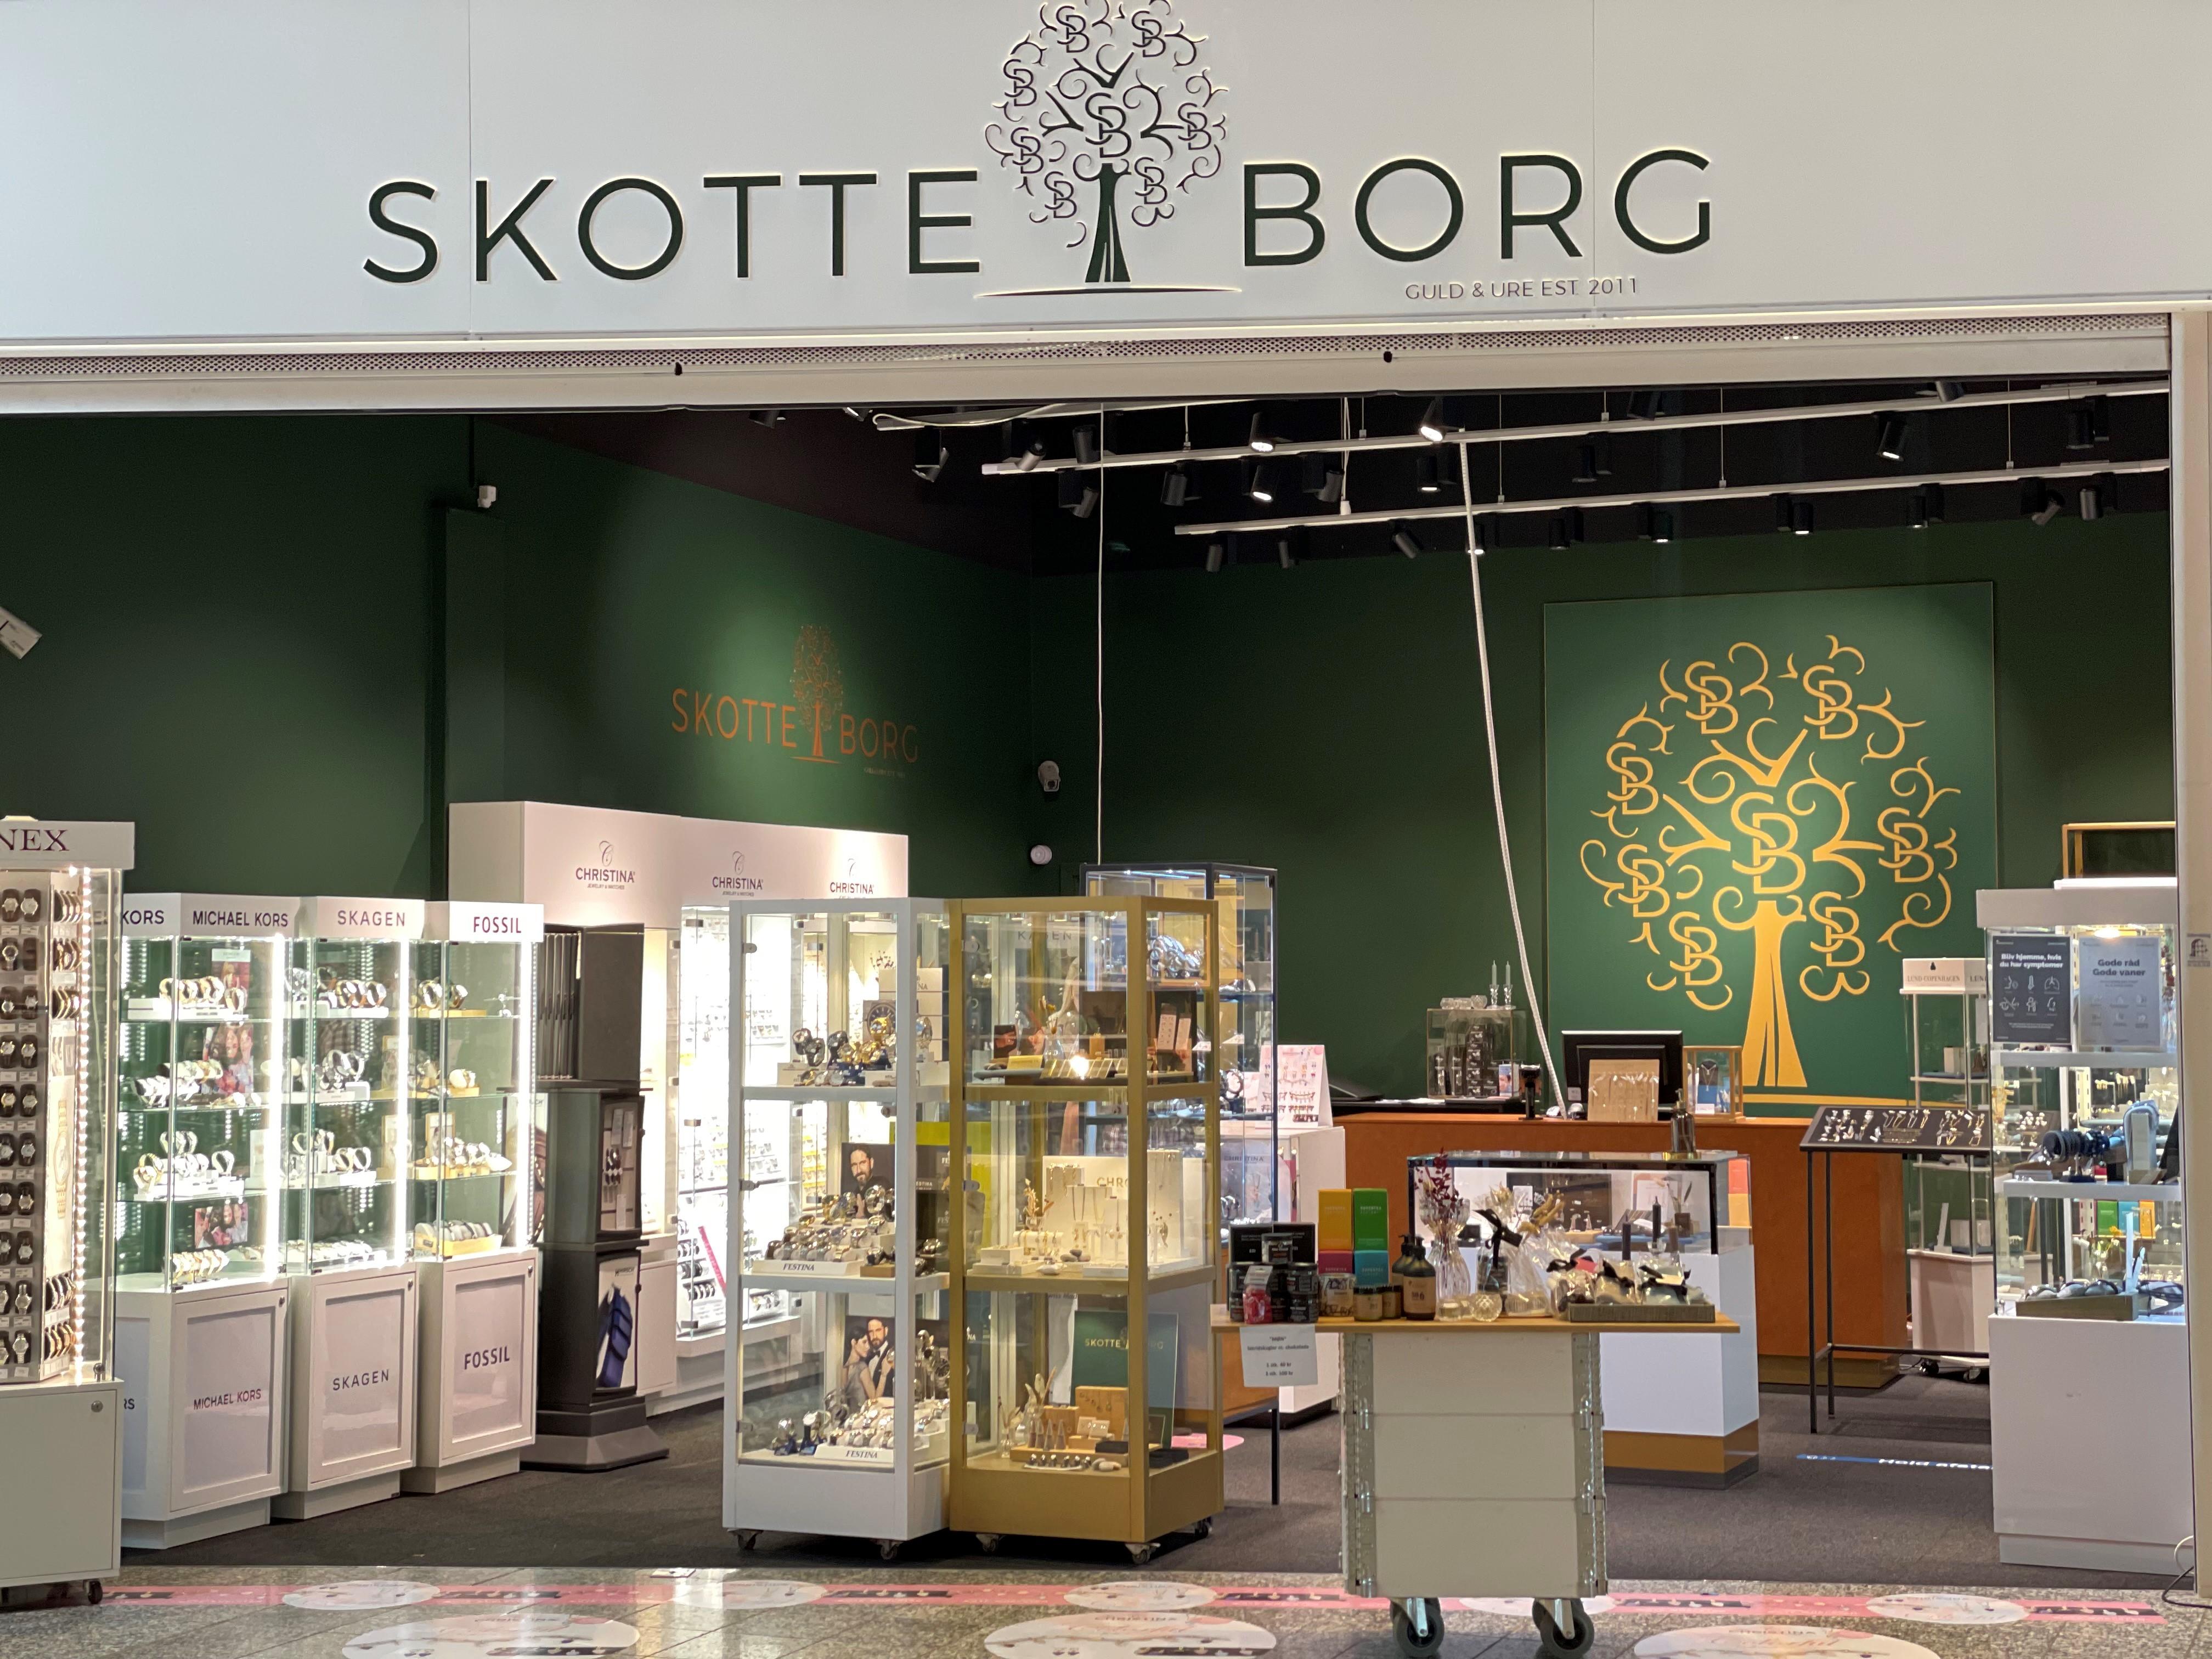 Skotteborg